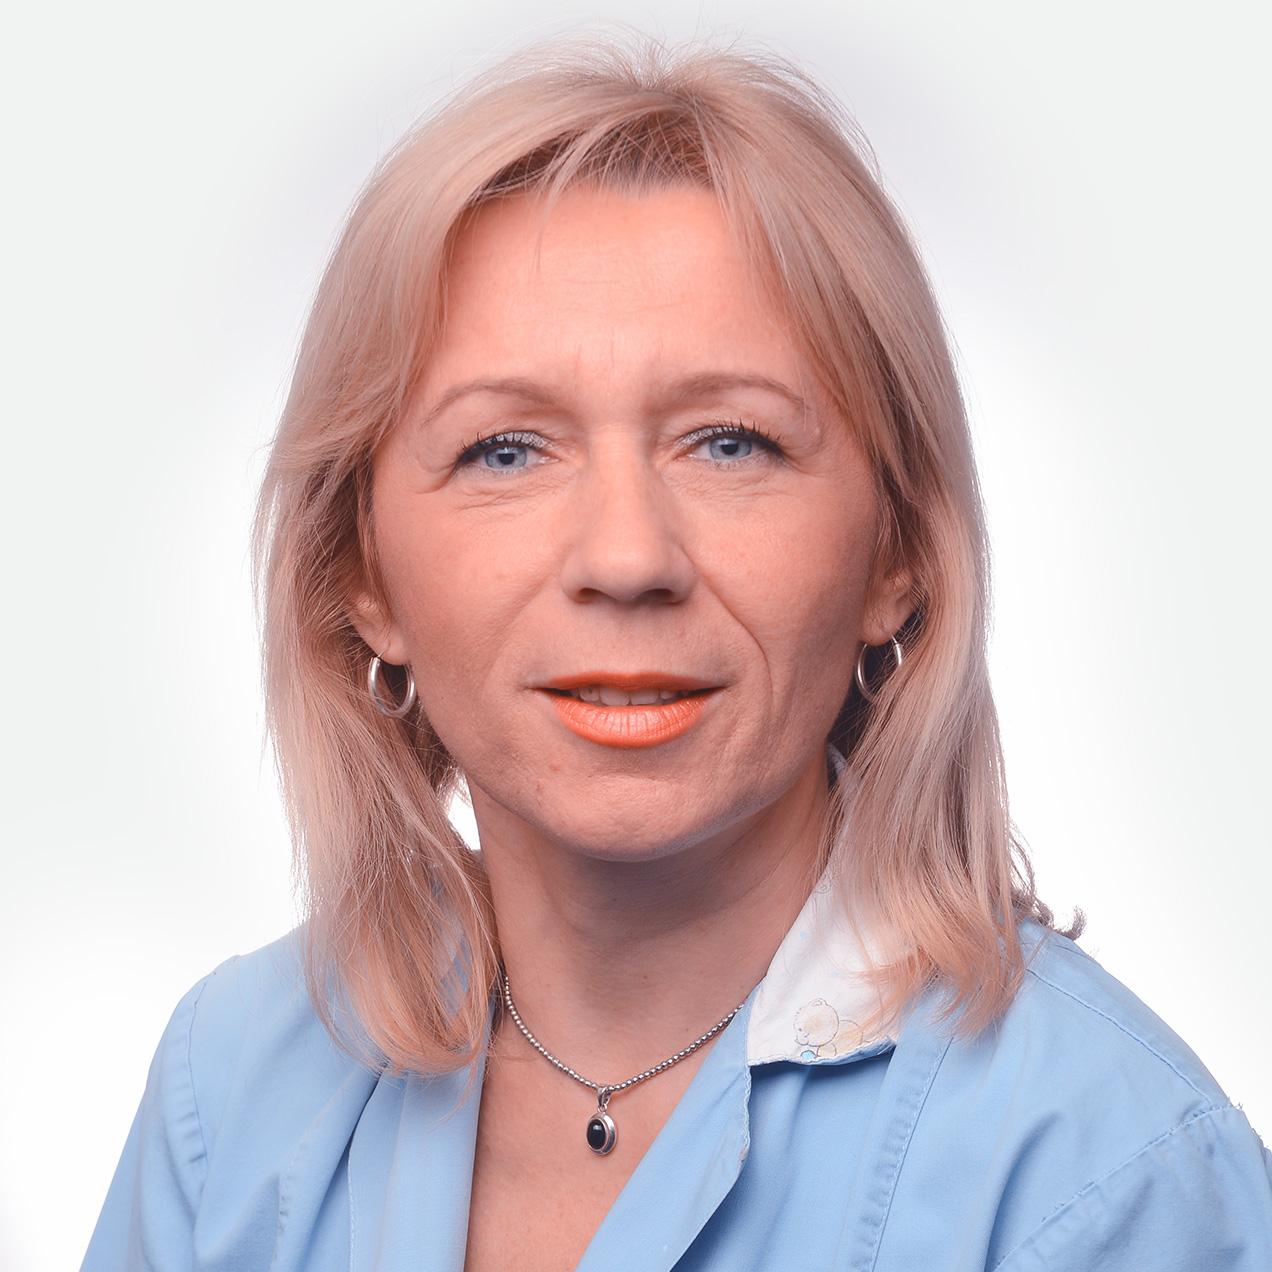 Mirjana Drobac